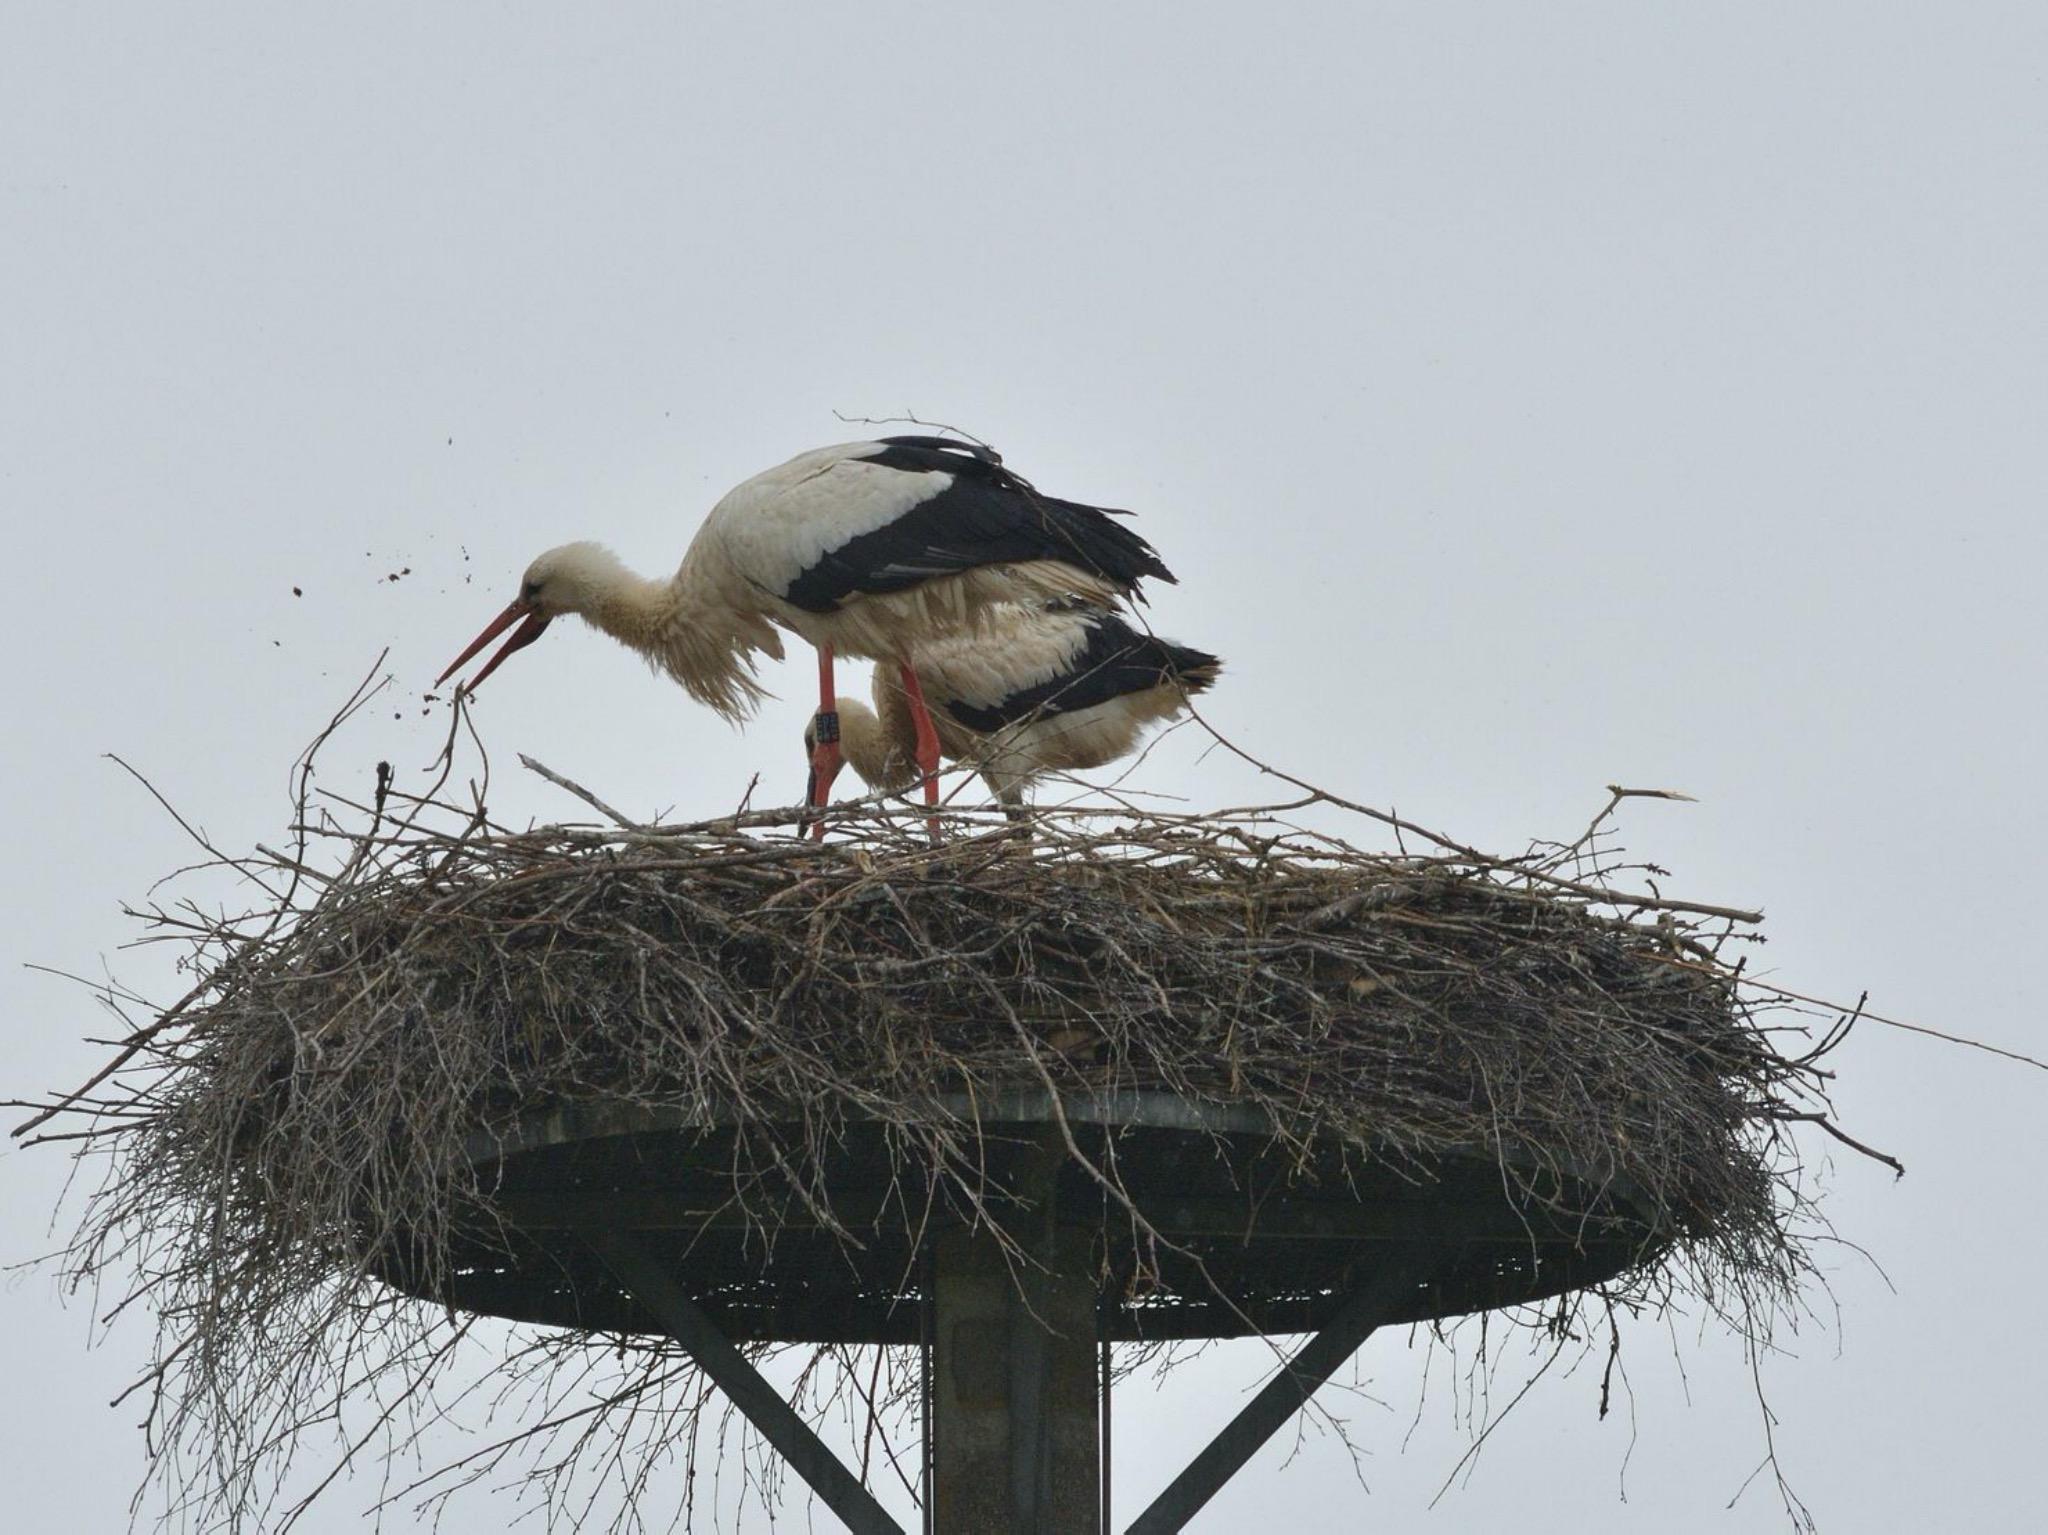 """Ein Storchenpaar mit Drillingen hat es sich im Nest im Naturschutzgebiet """"Wipfelder Mainauen"""" gemütlich gemacht. Foto: Stefan Laubender"""